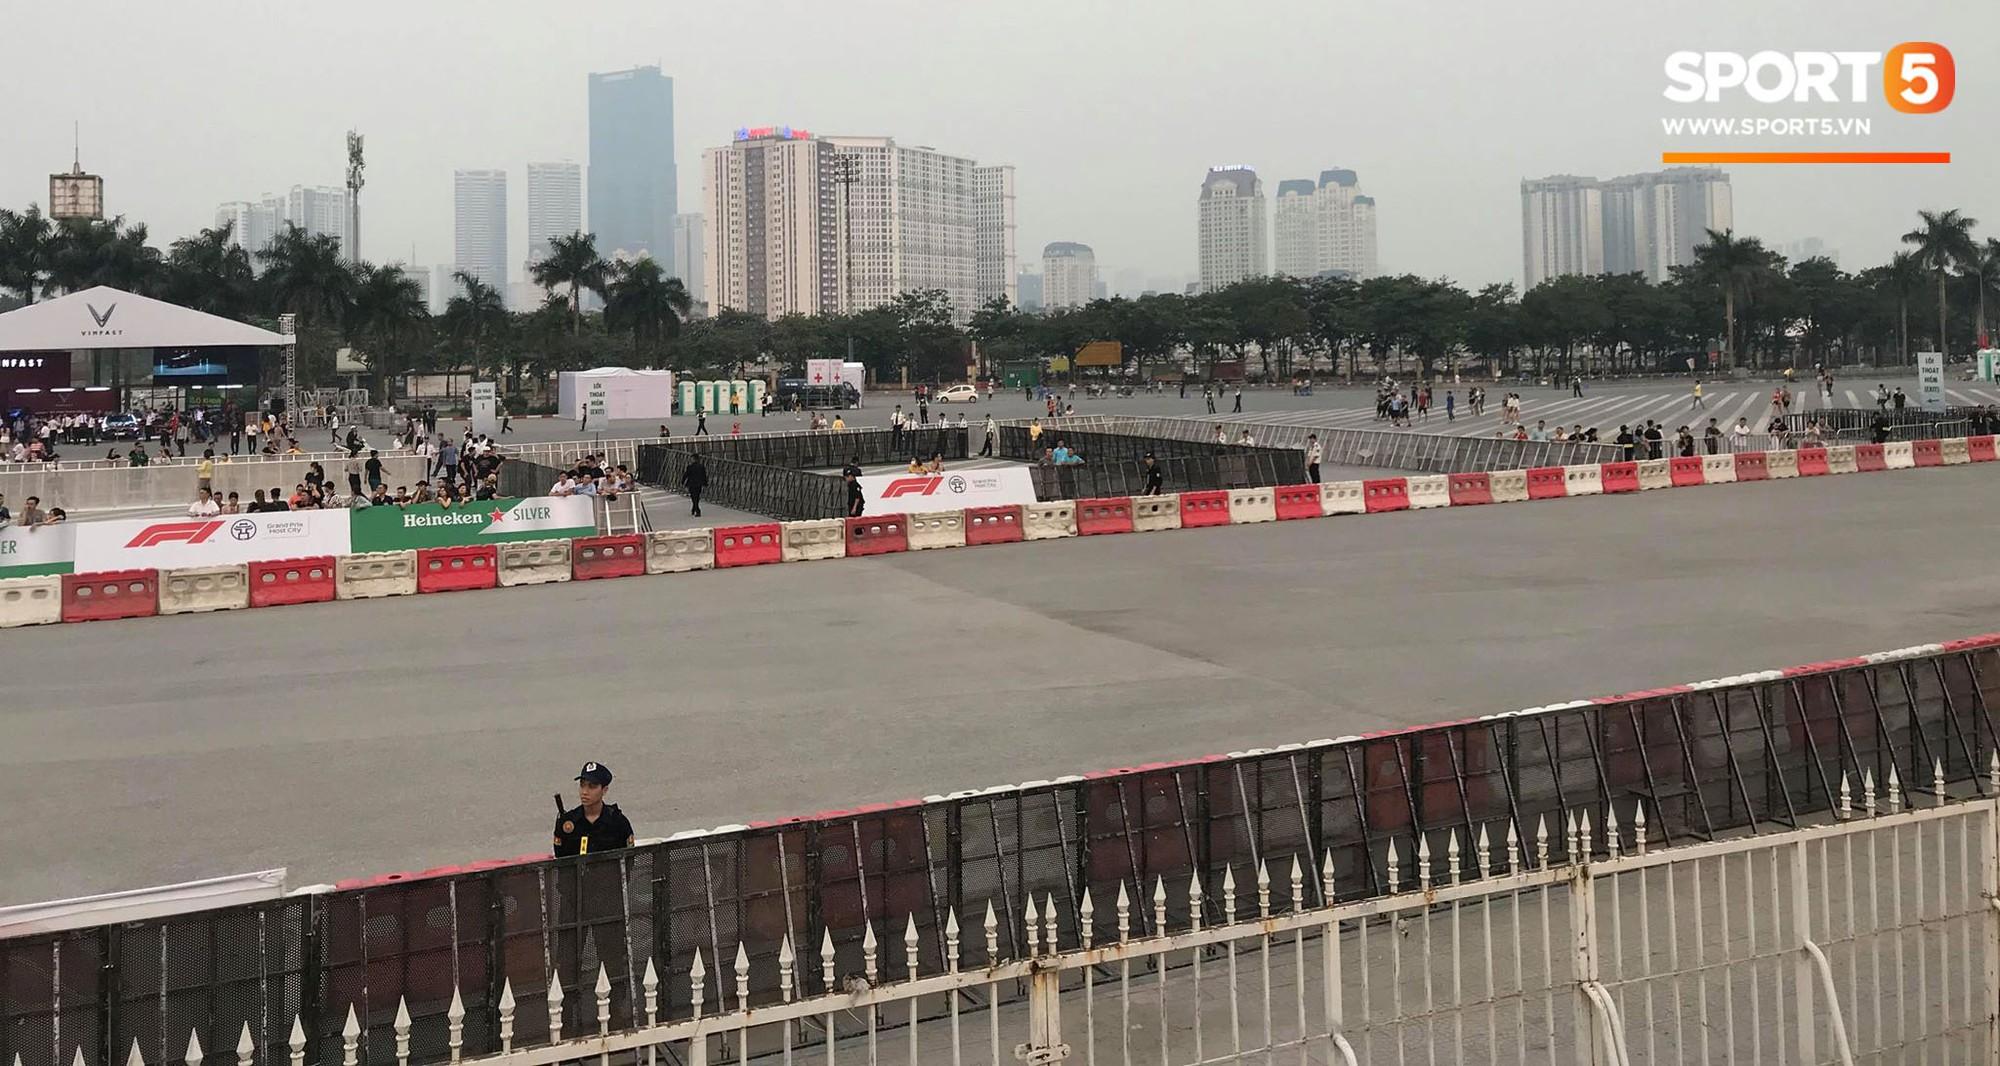 Sự kiện Khởi động F1 Việt Nam Grand Prix: Hoành tráng, mãn nhãn và đầy hứa hẹn - Ảnh 26.